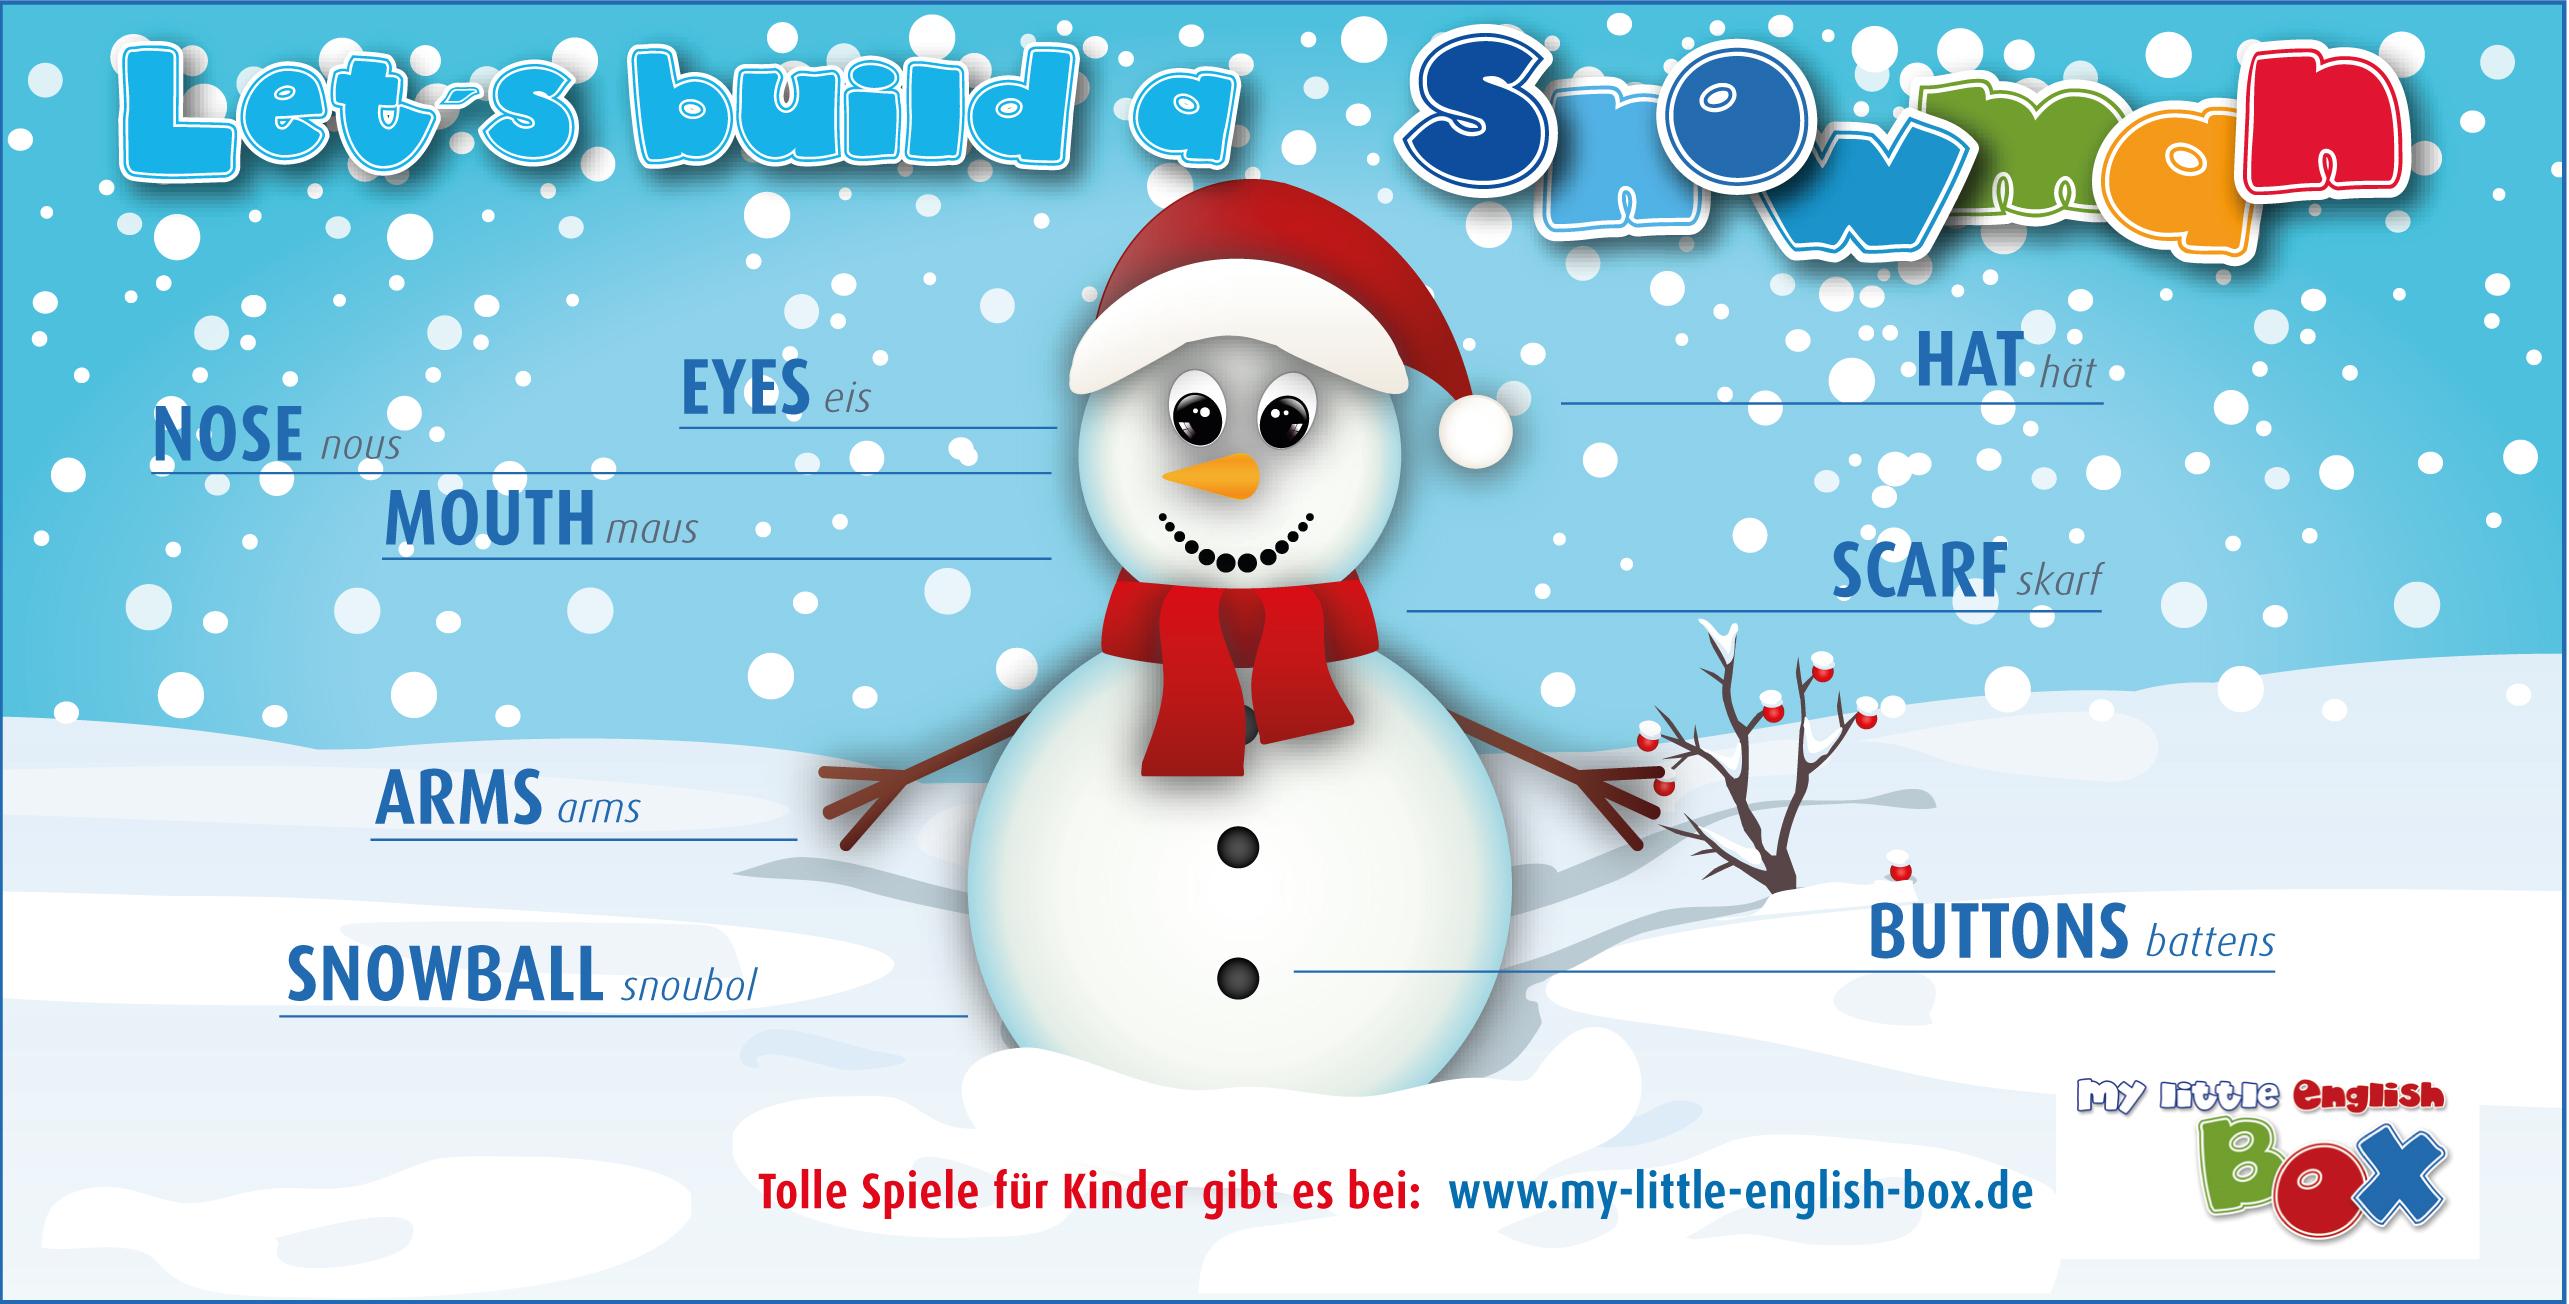 Geschenkideen für Kinder, Englisch für Kinder, Kinderspiele, Lernspiele für Kinder